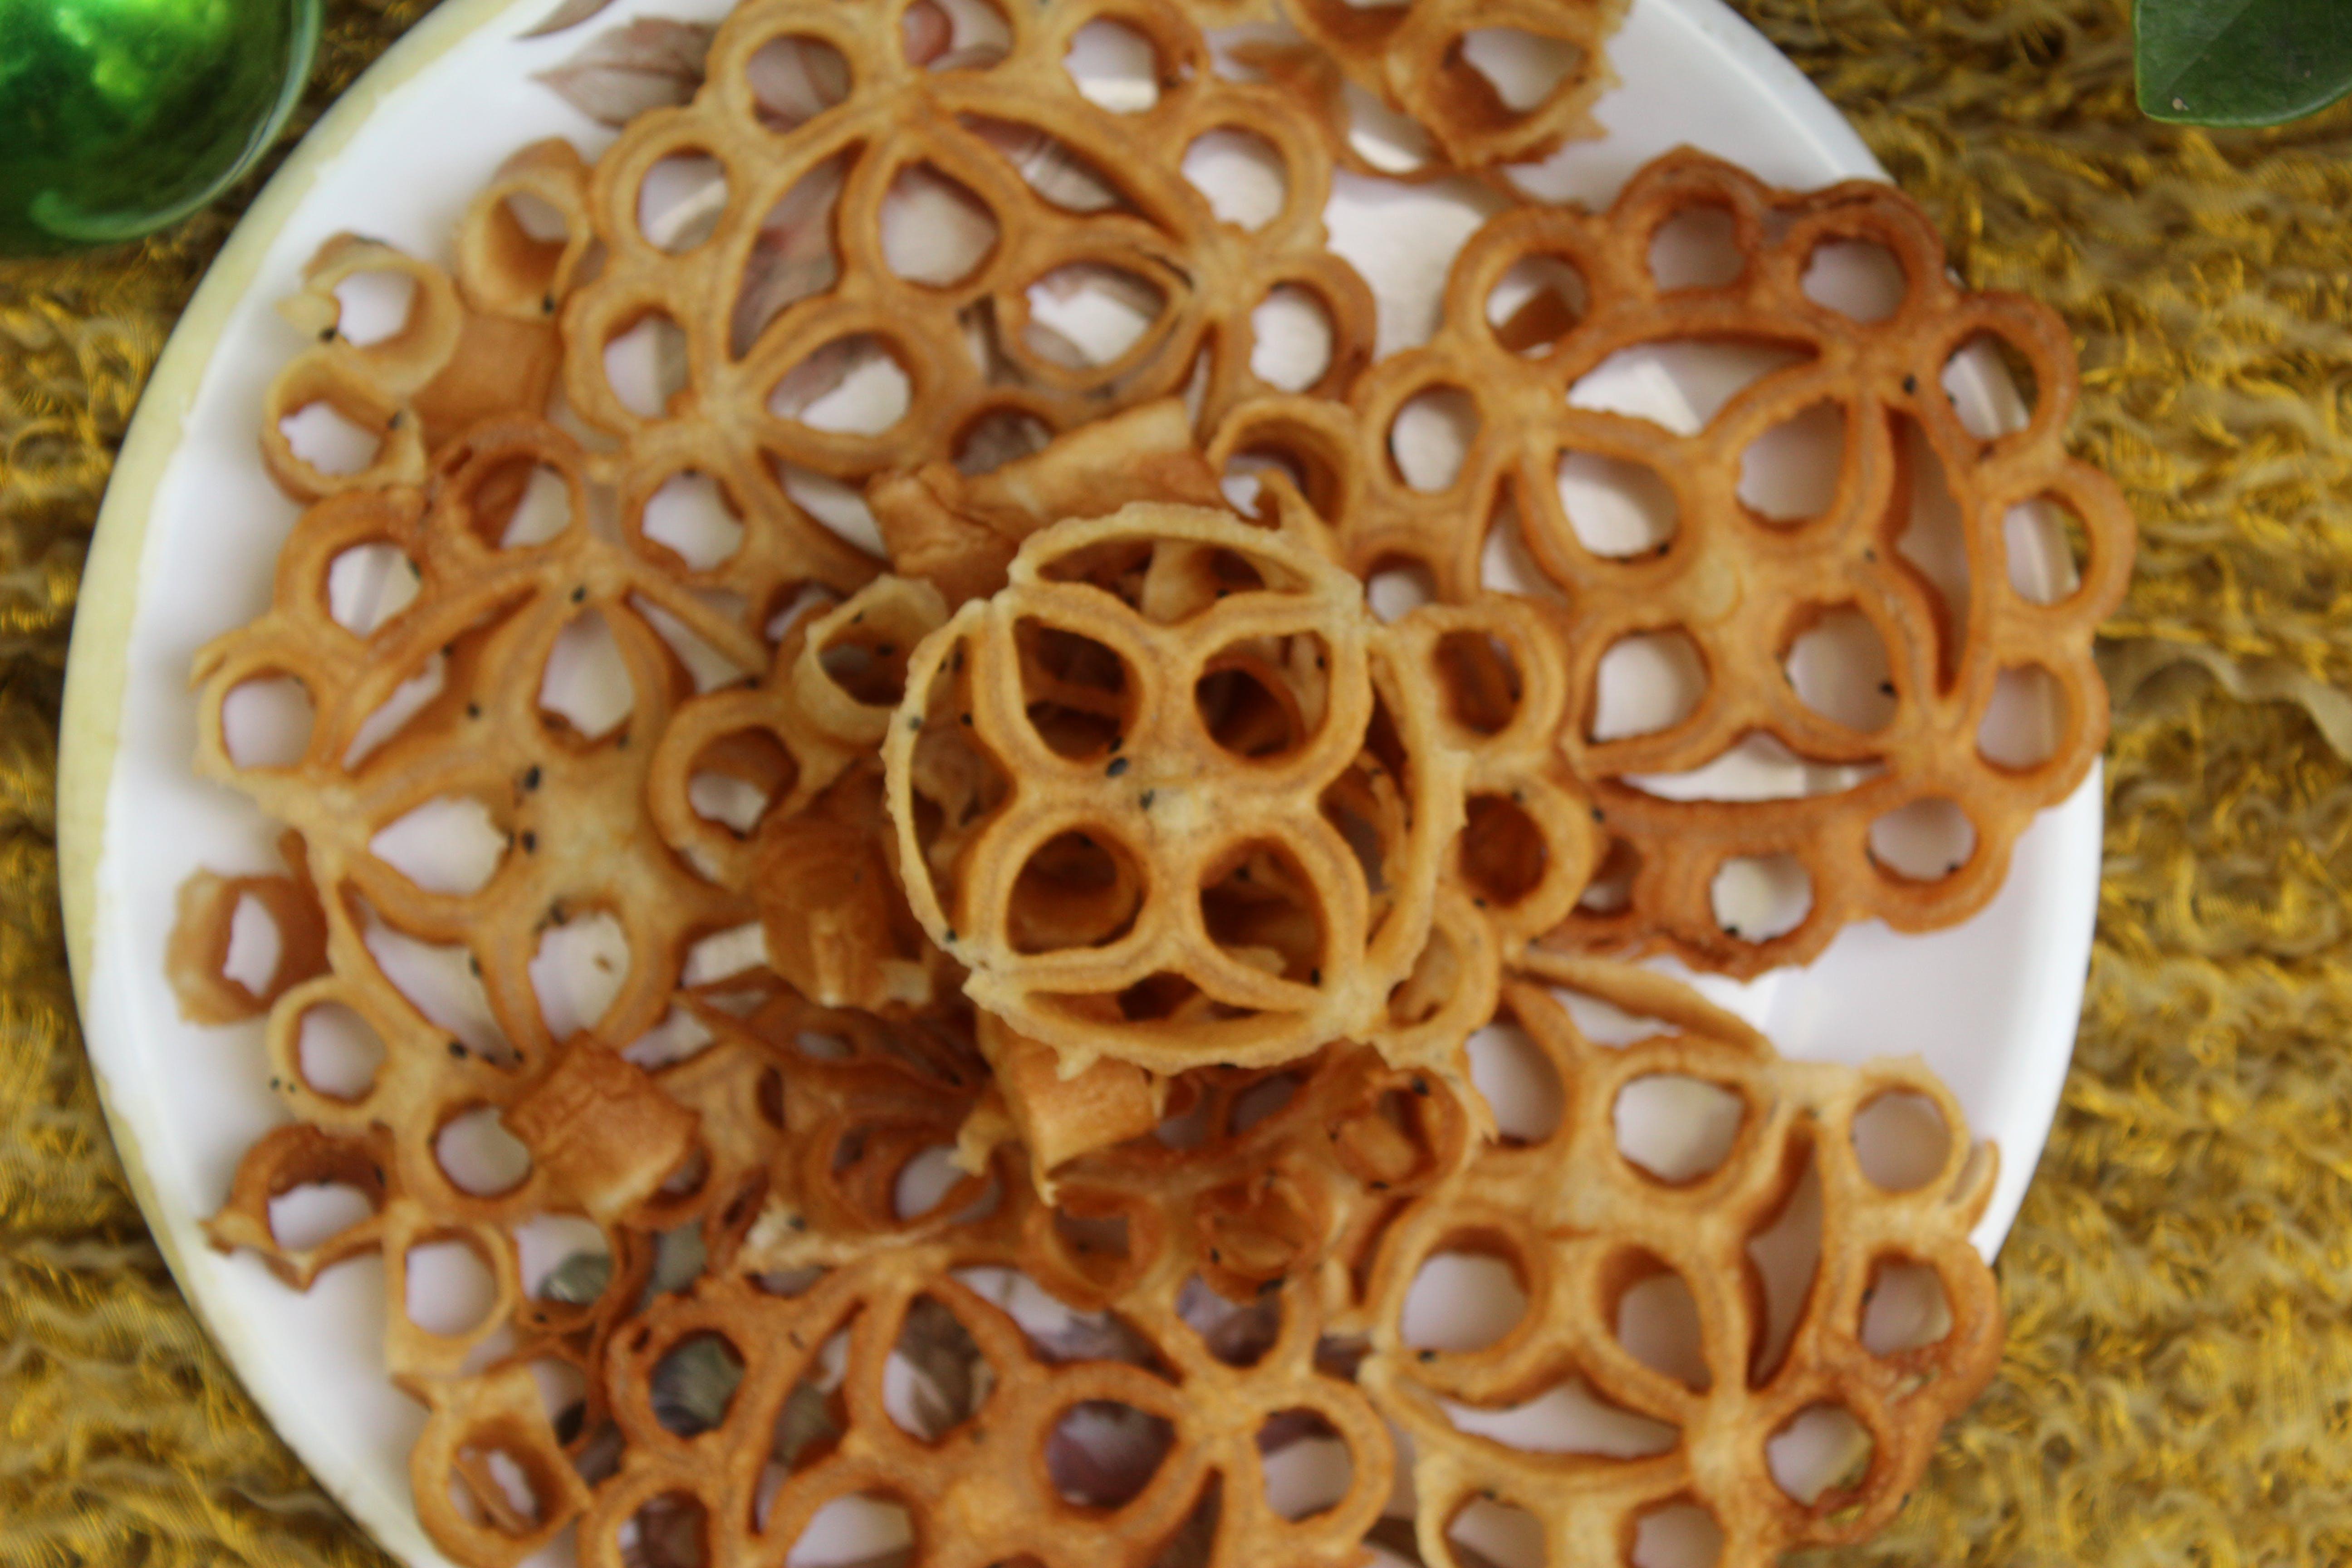 Kostenloses Stock Foto zu essen, frische chips, hotelservice, kerala essen